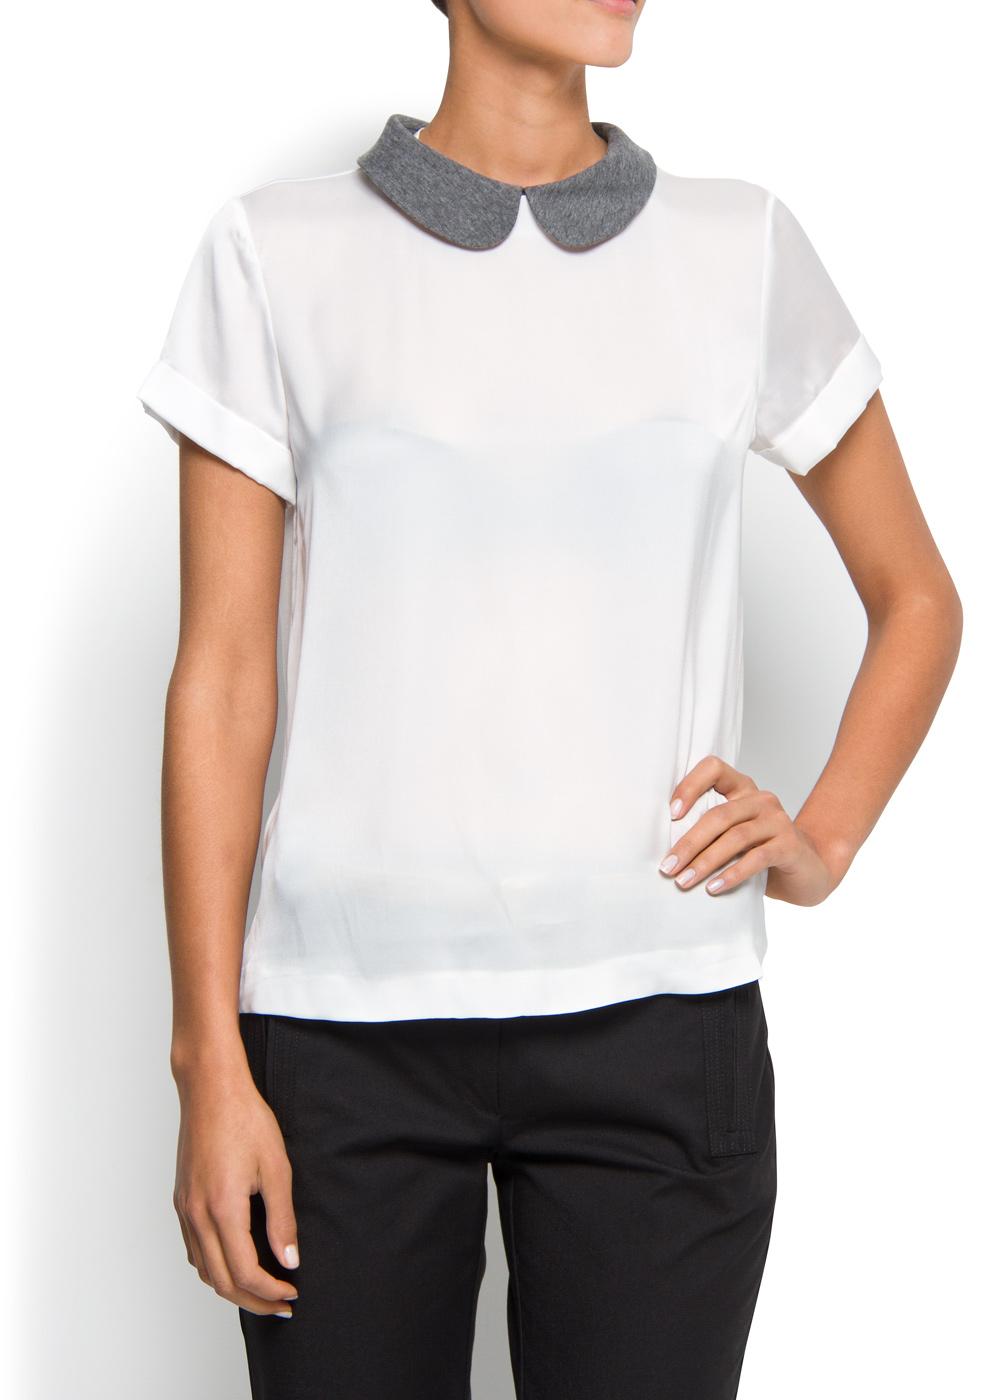 Womens Peter Pan Collar Blouse White 109